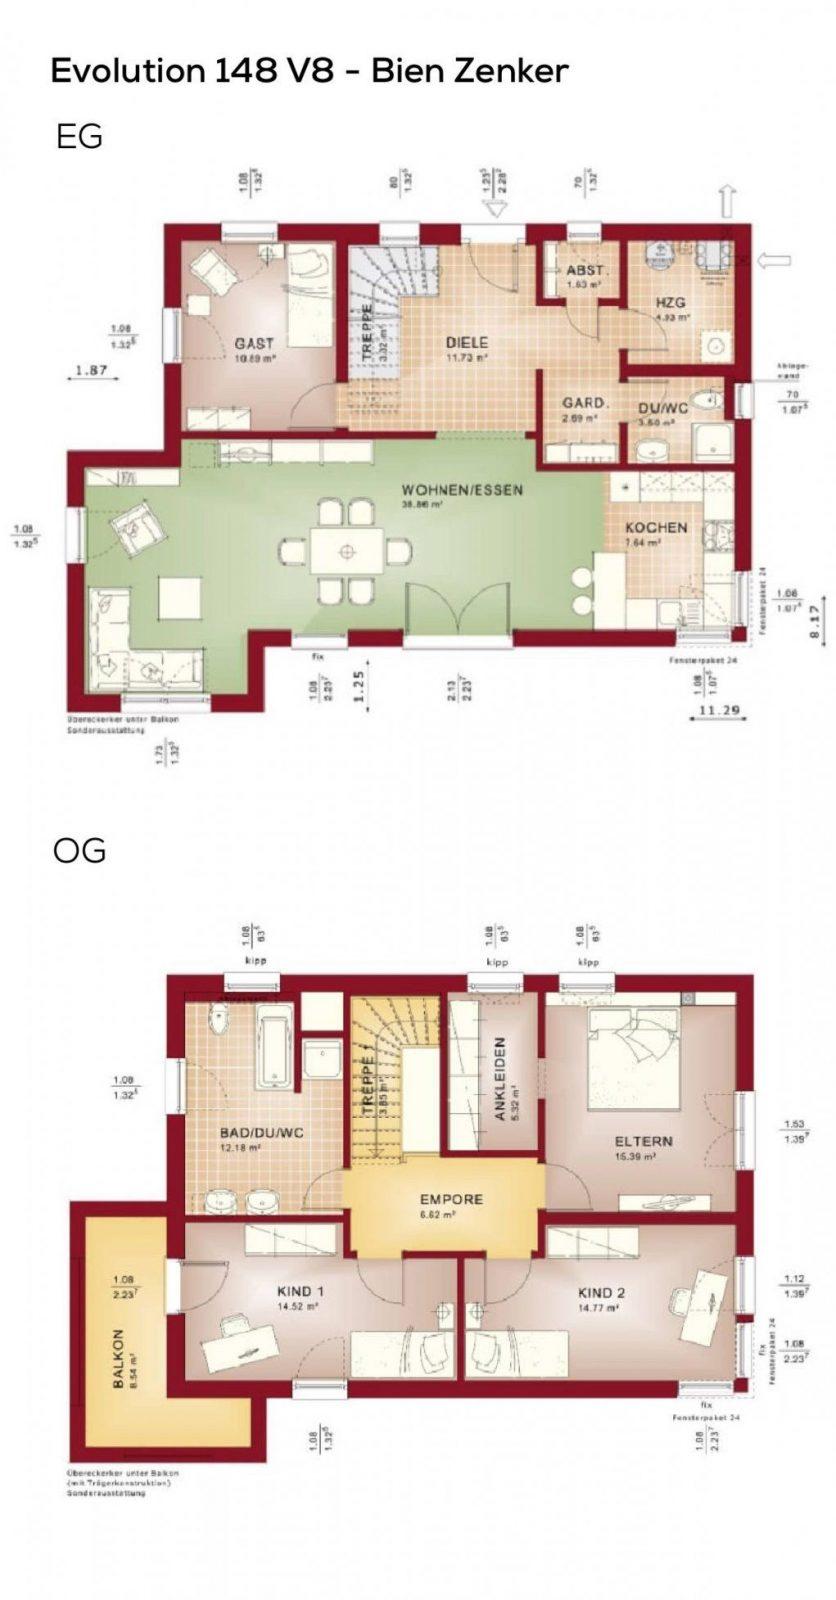 Grundriss Einfamilienhaus Modern Mit Flachdach Architektur Im von Grundriss Einfamilienhaus 150 Qm Photo